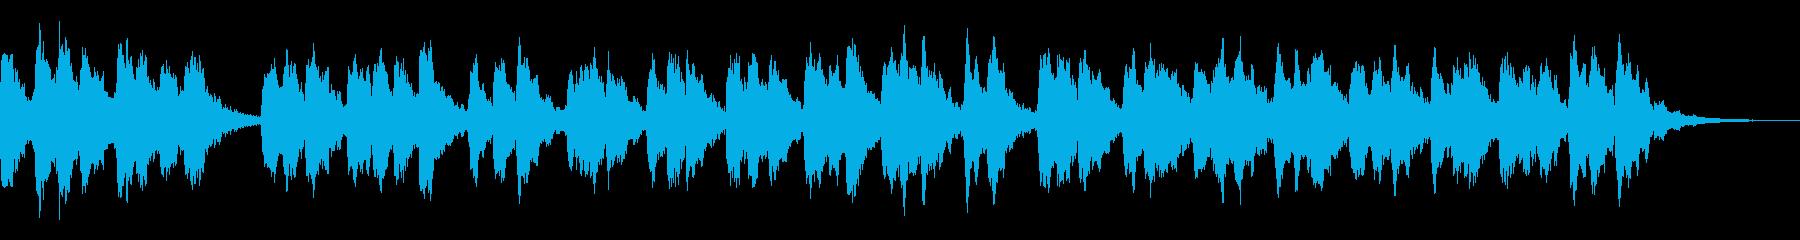 宇宙的で壮大なシューゲイザー風サウンドの再生済みの波形